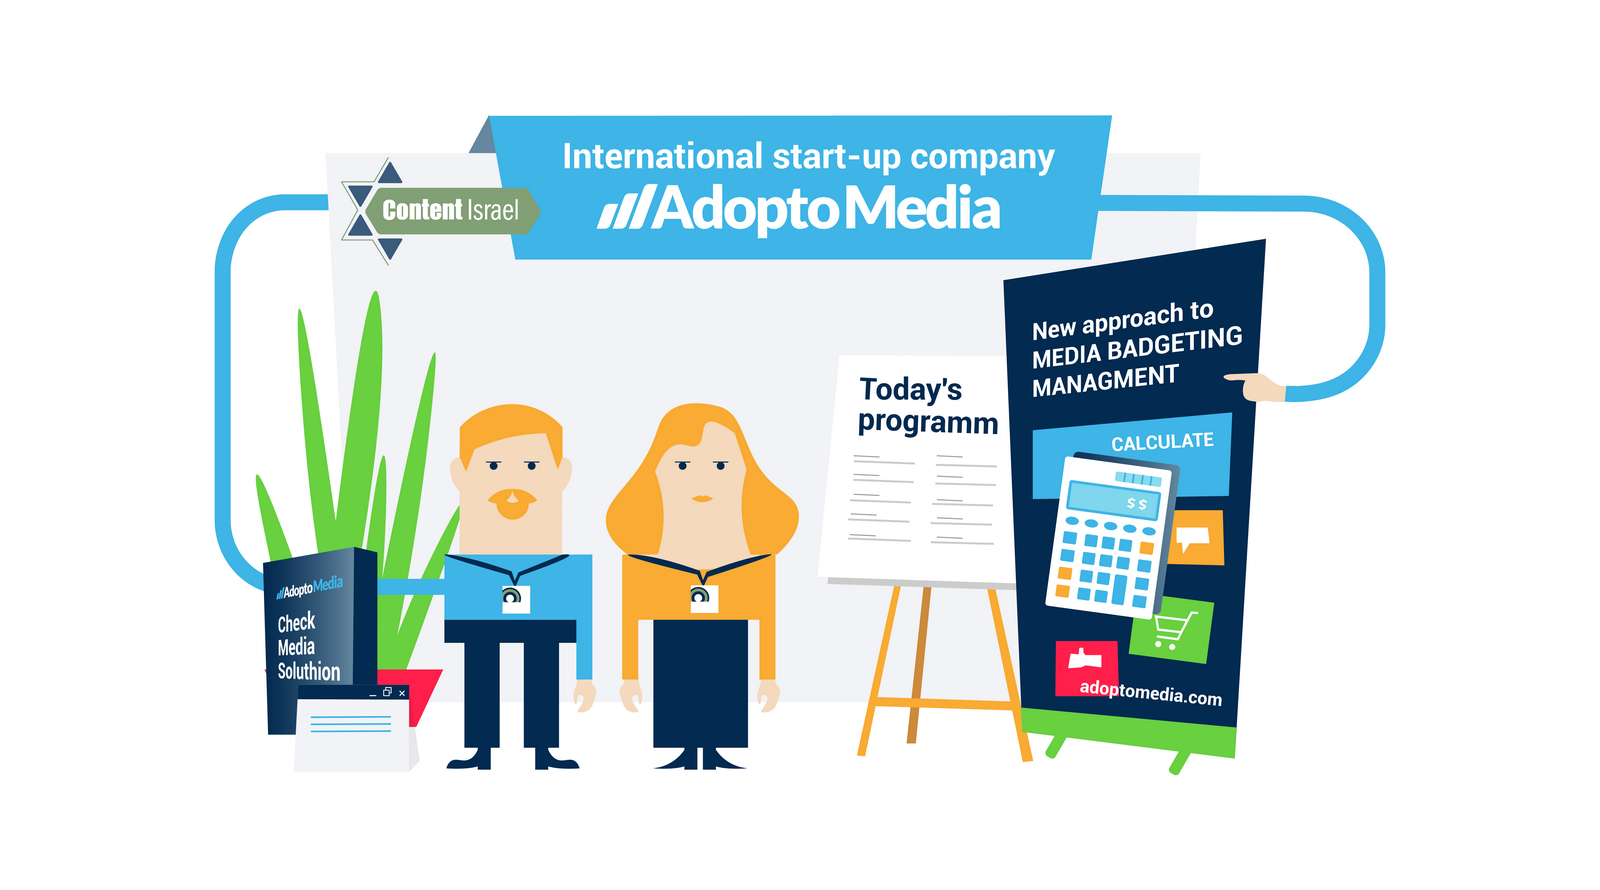 AdoptoMedia, Content Israel, конференция в Израиле, маркетинг, оптимизация рекламного бюджета, эффективность рекламы